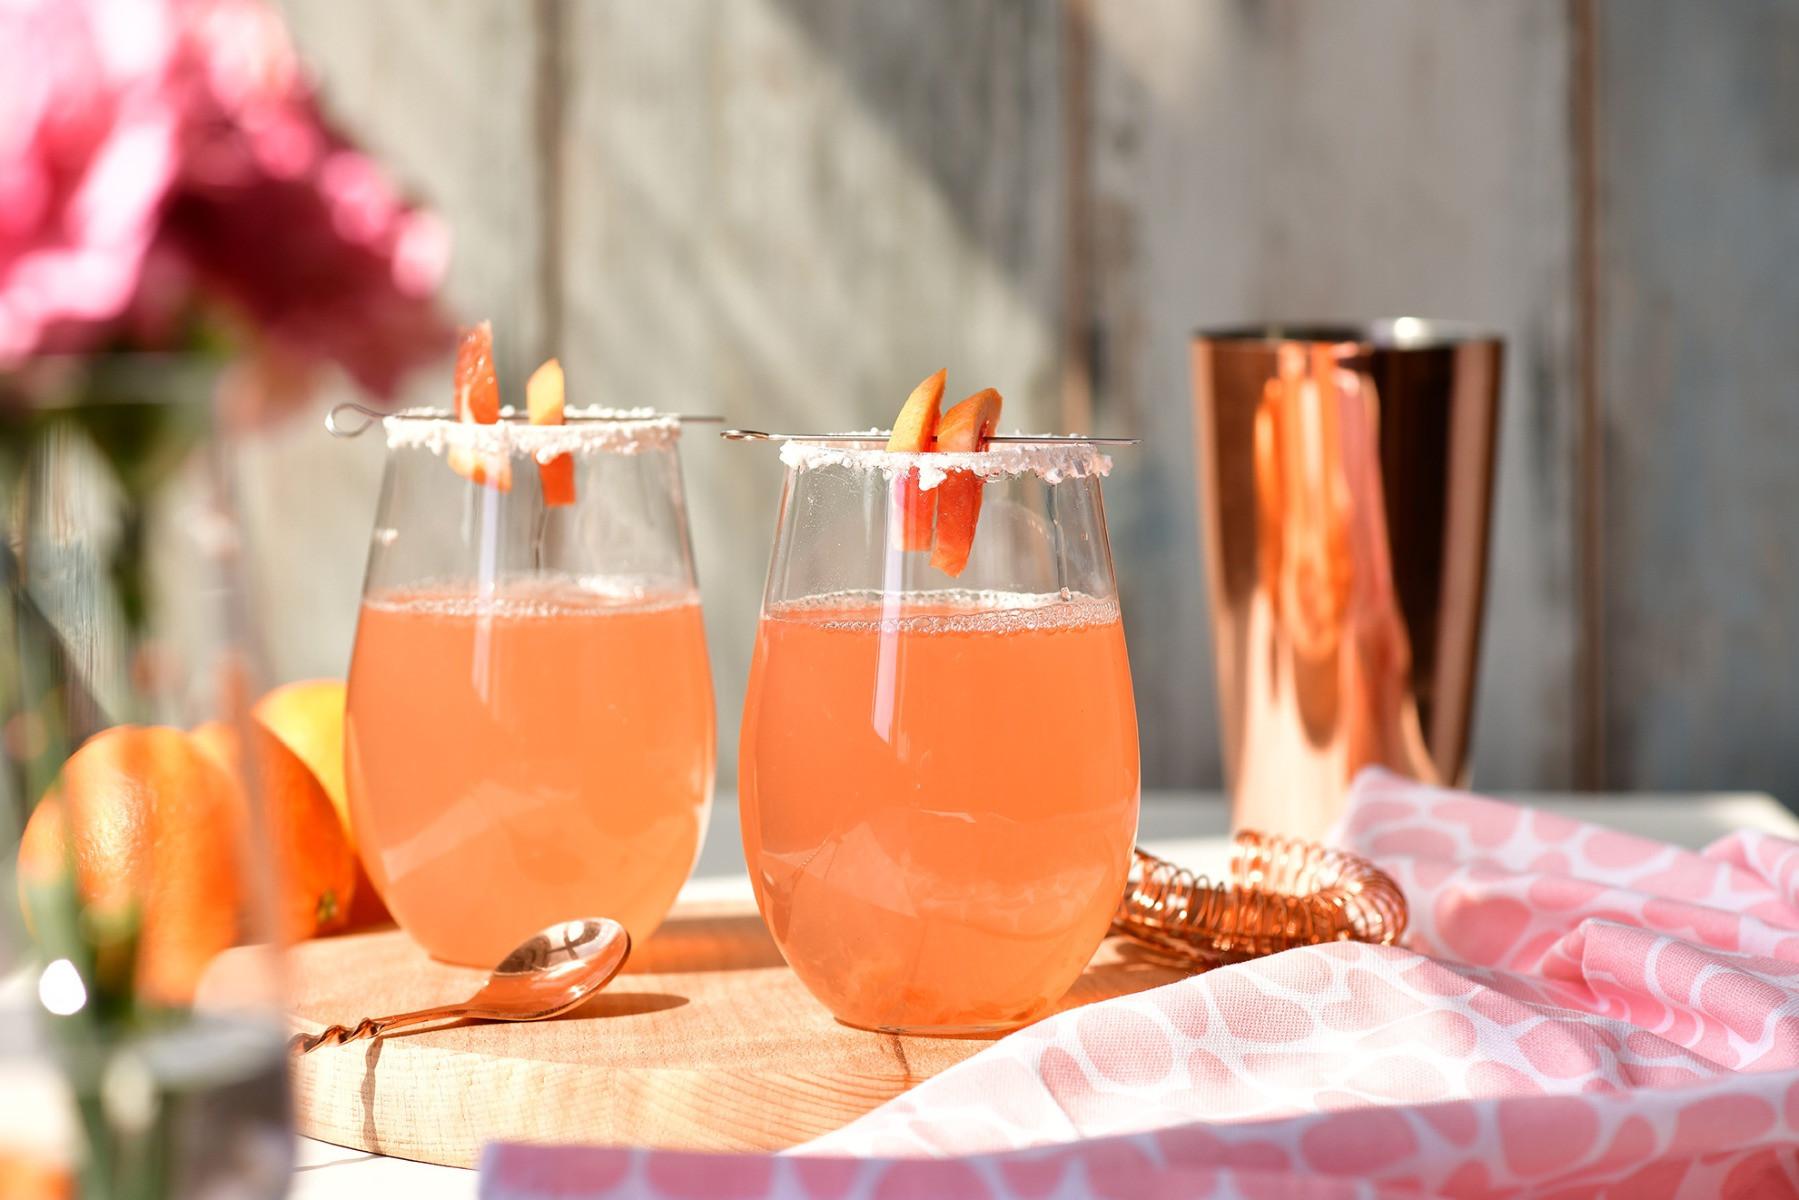 Garnirowanie i crustowanie czyli sztuka ozdabiania drinków